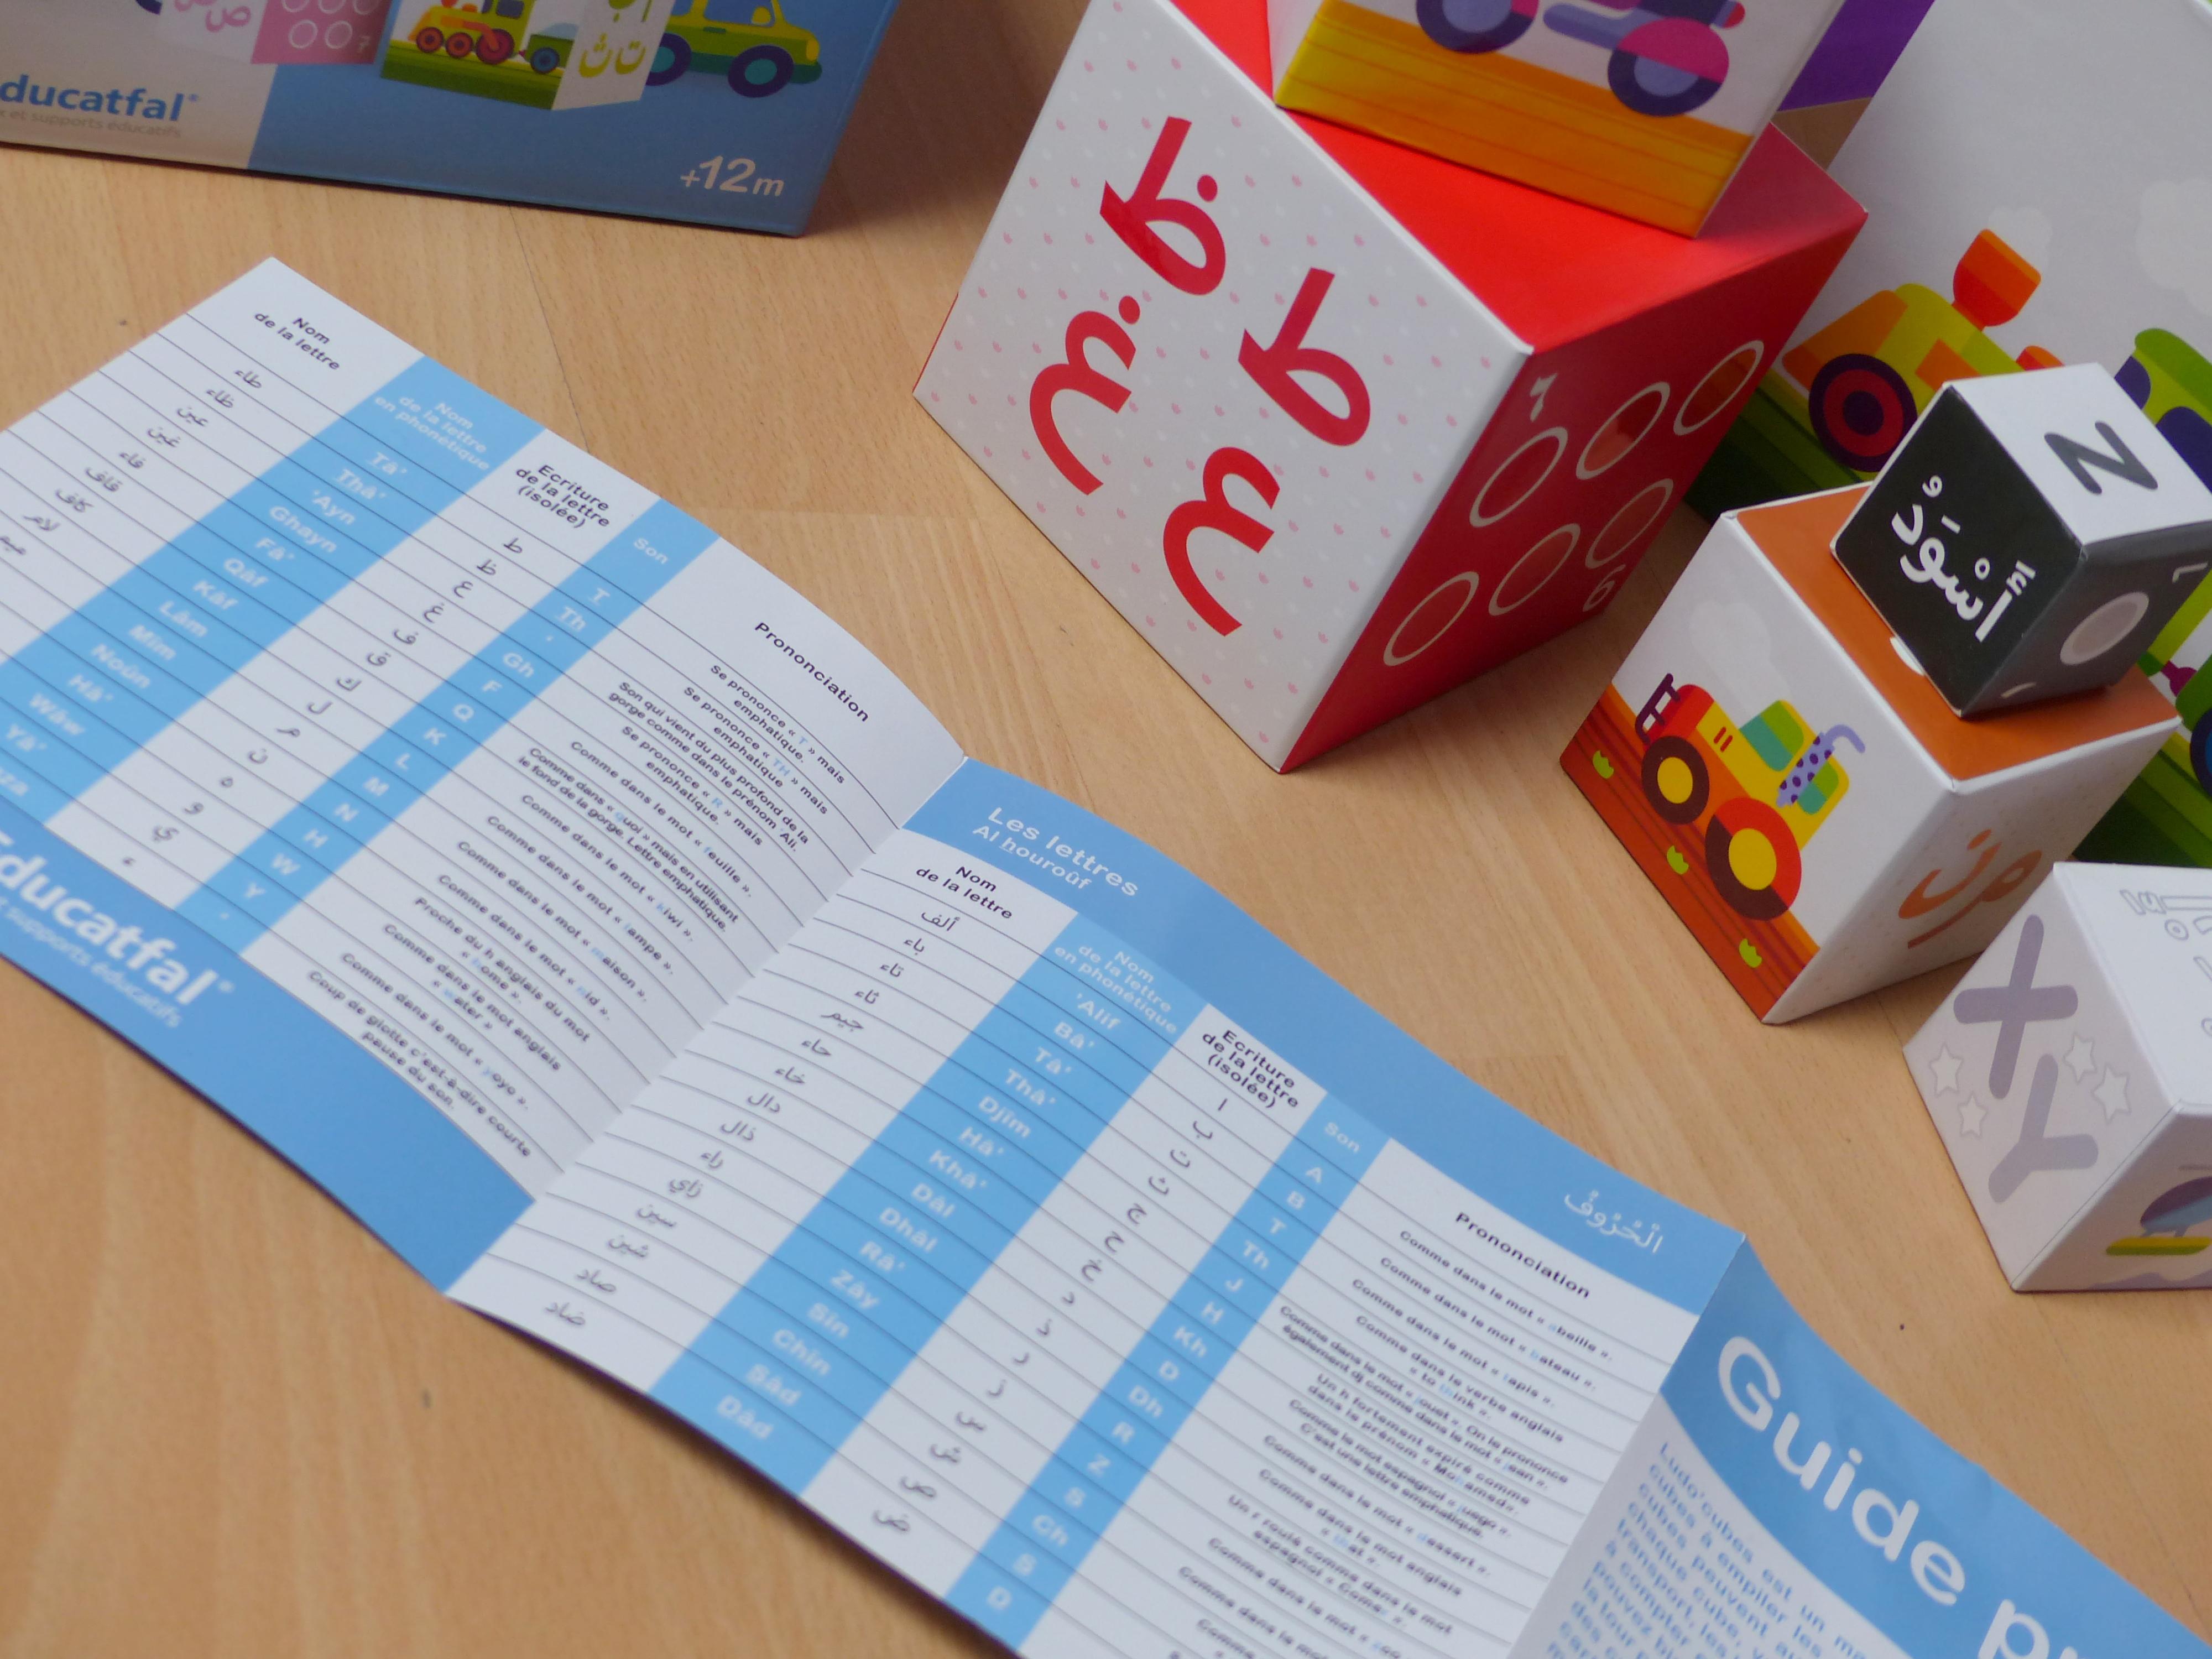 jouet pour apprendre l'arabe